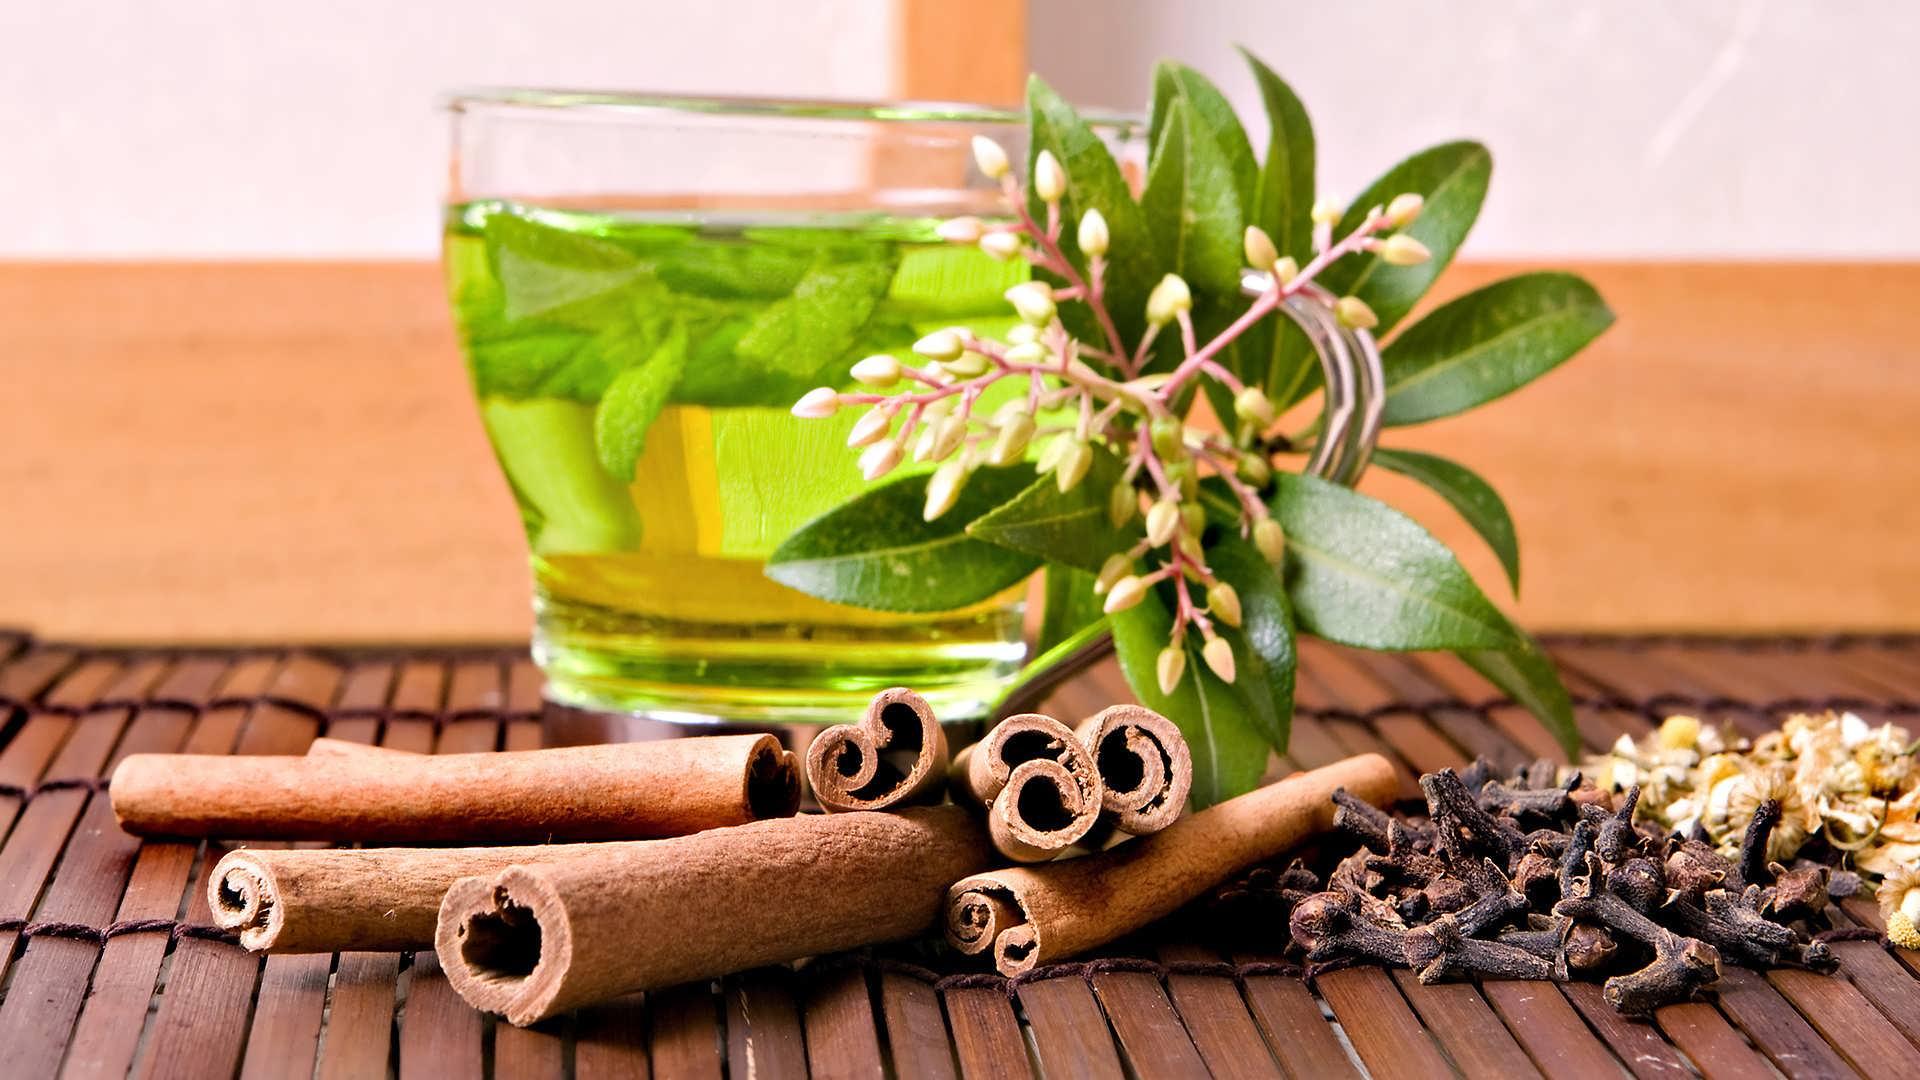 مصرف چای سبز برای پیشگیری از بیماریهای قلبی توصیه میشود.